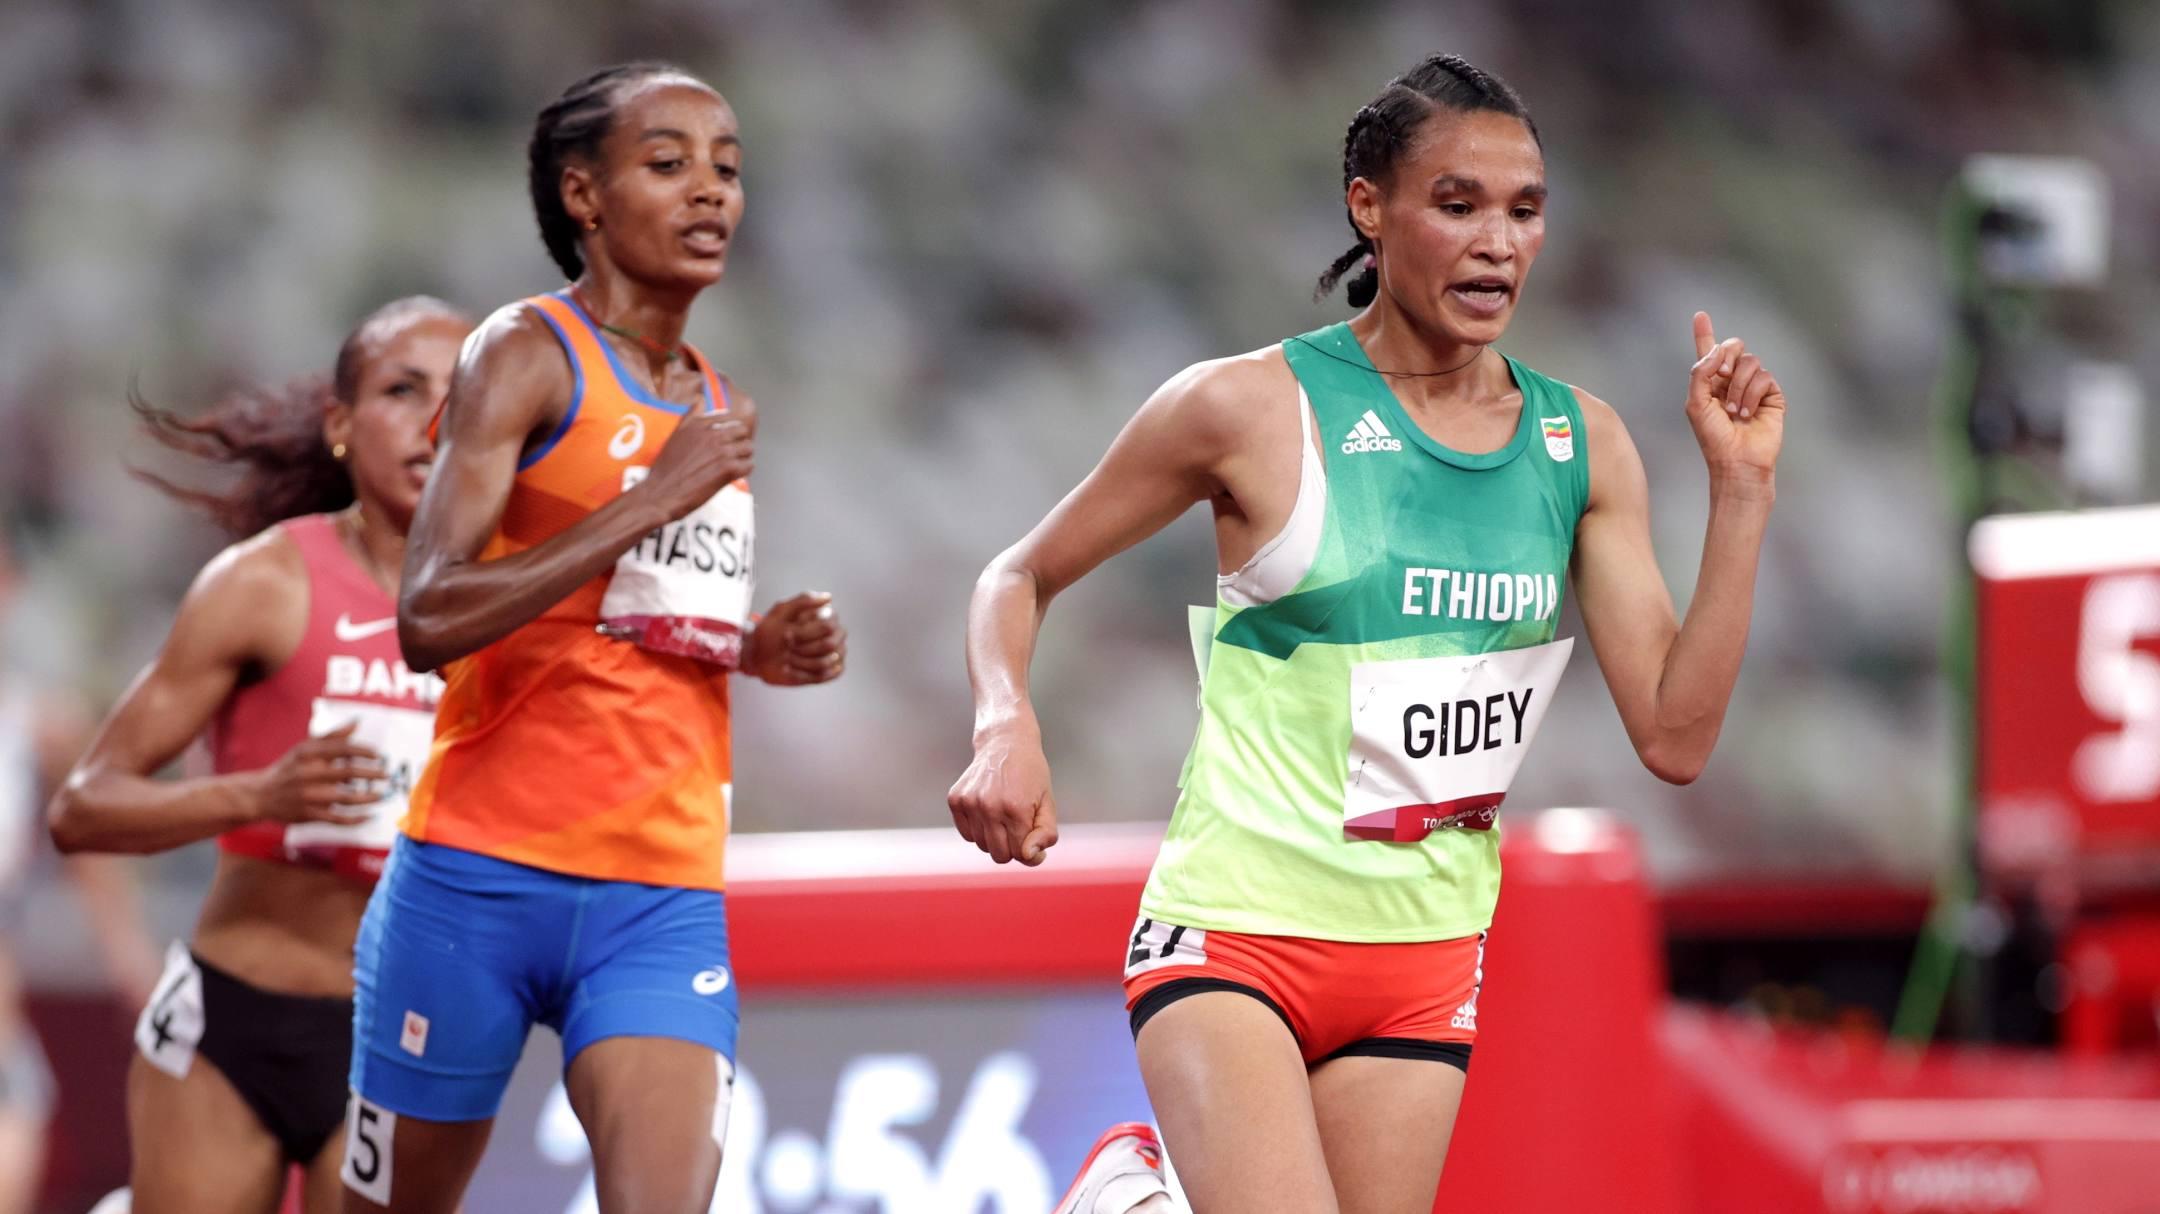 Hassan kiên nhẫn bám theo Gidey trong phần lớn thời gian, trước khi nước rút ngoạn mục ở 100 mét cuối để về nhất. Ảnh: Reuters